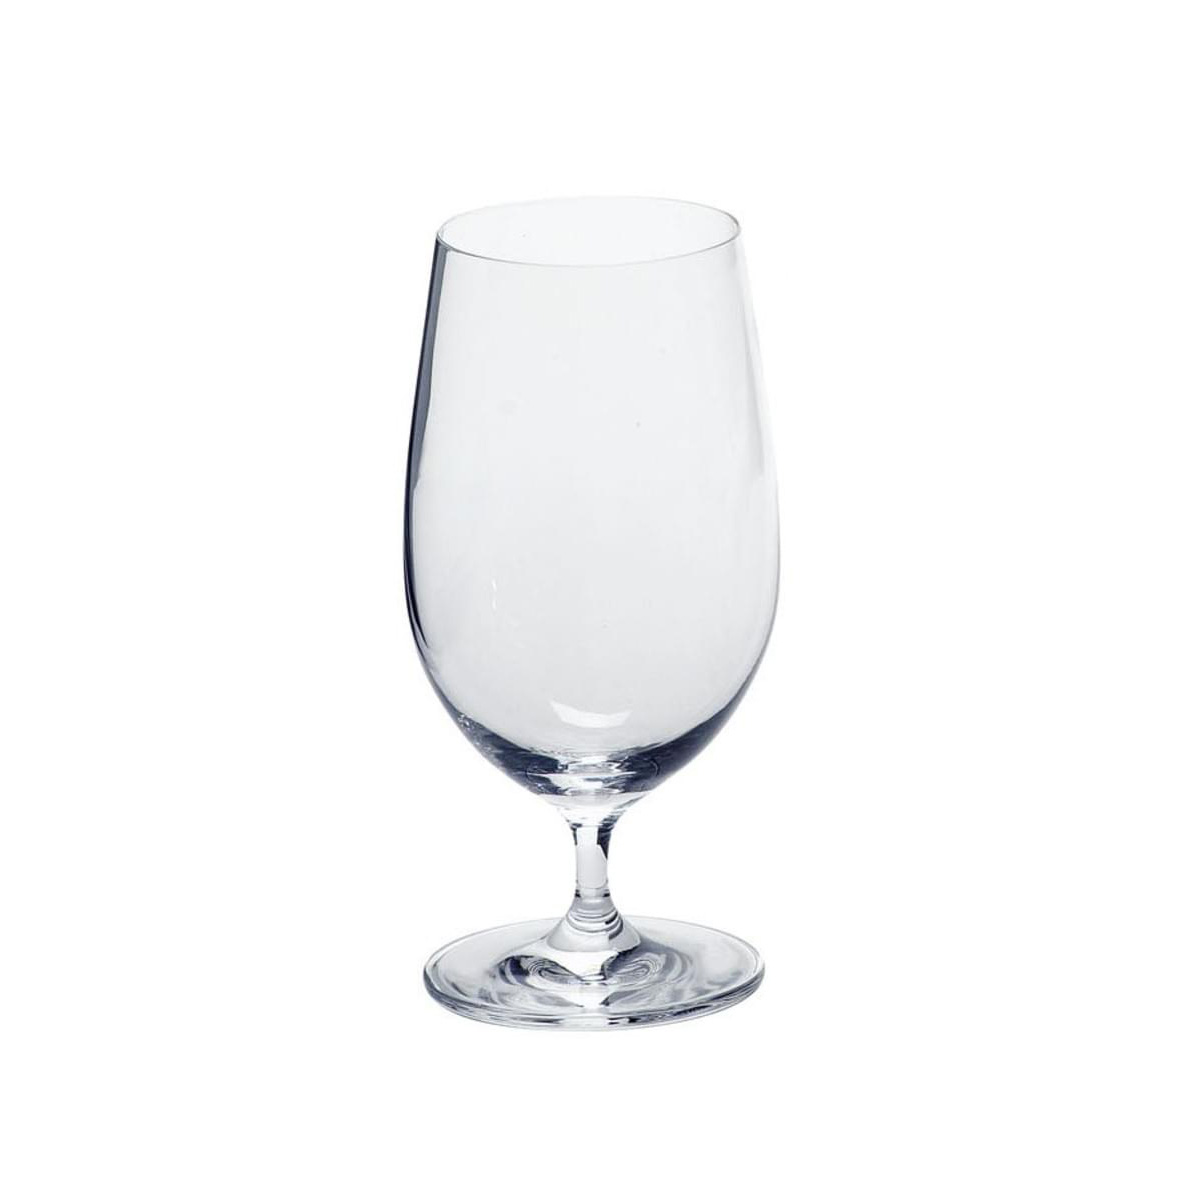 Čaša za pivo Ciao 61451